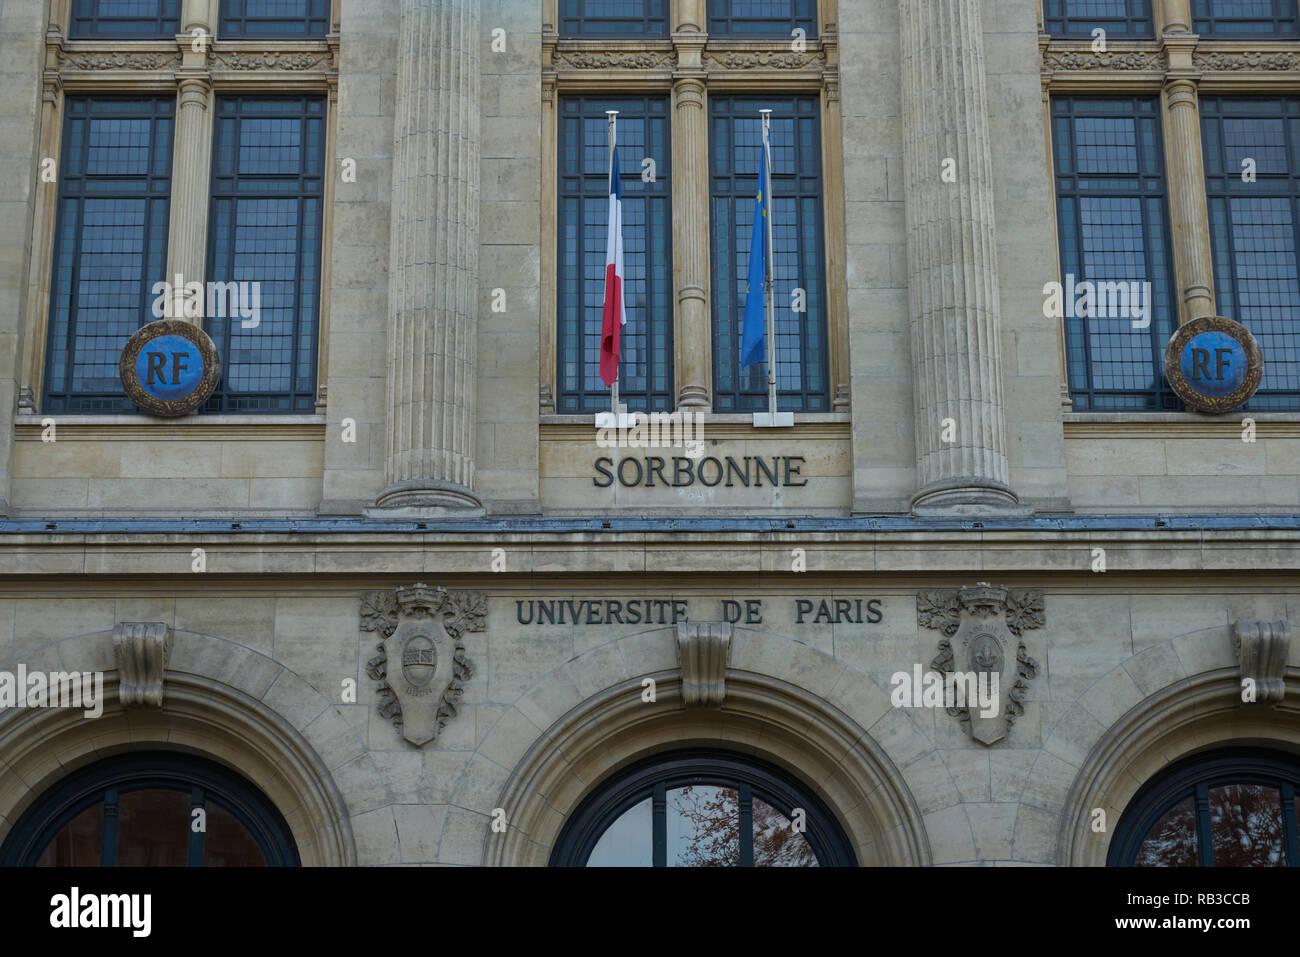 sorbonne university of paris - Stock Image